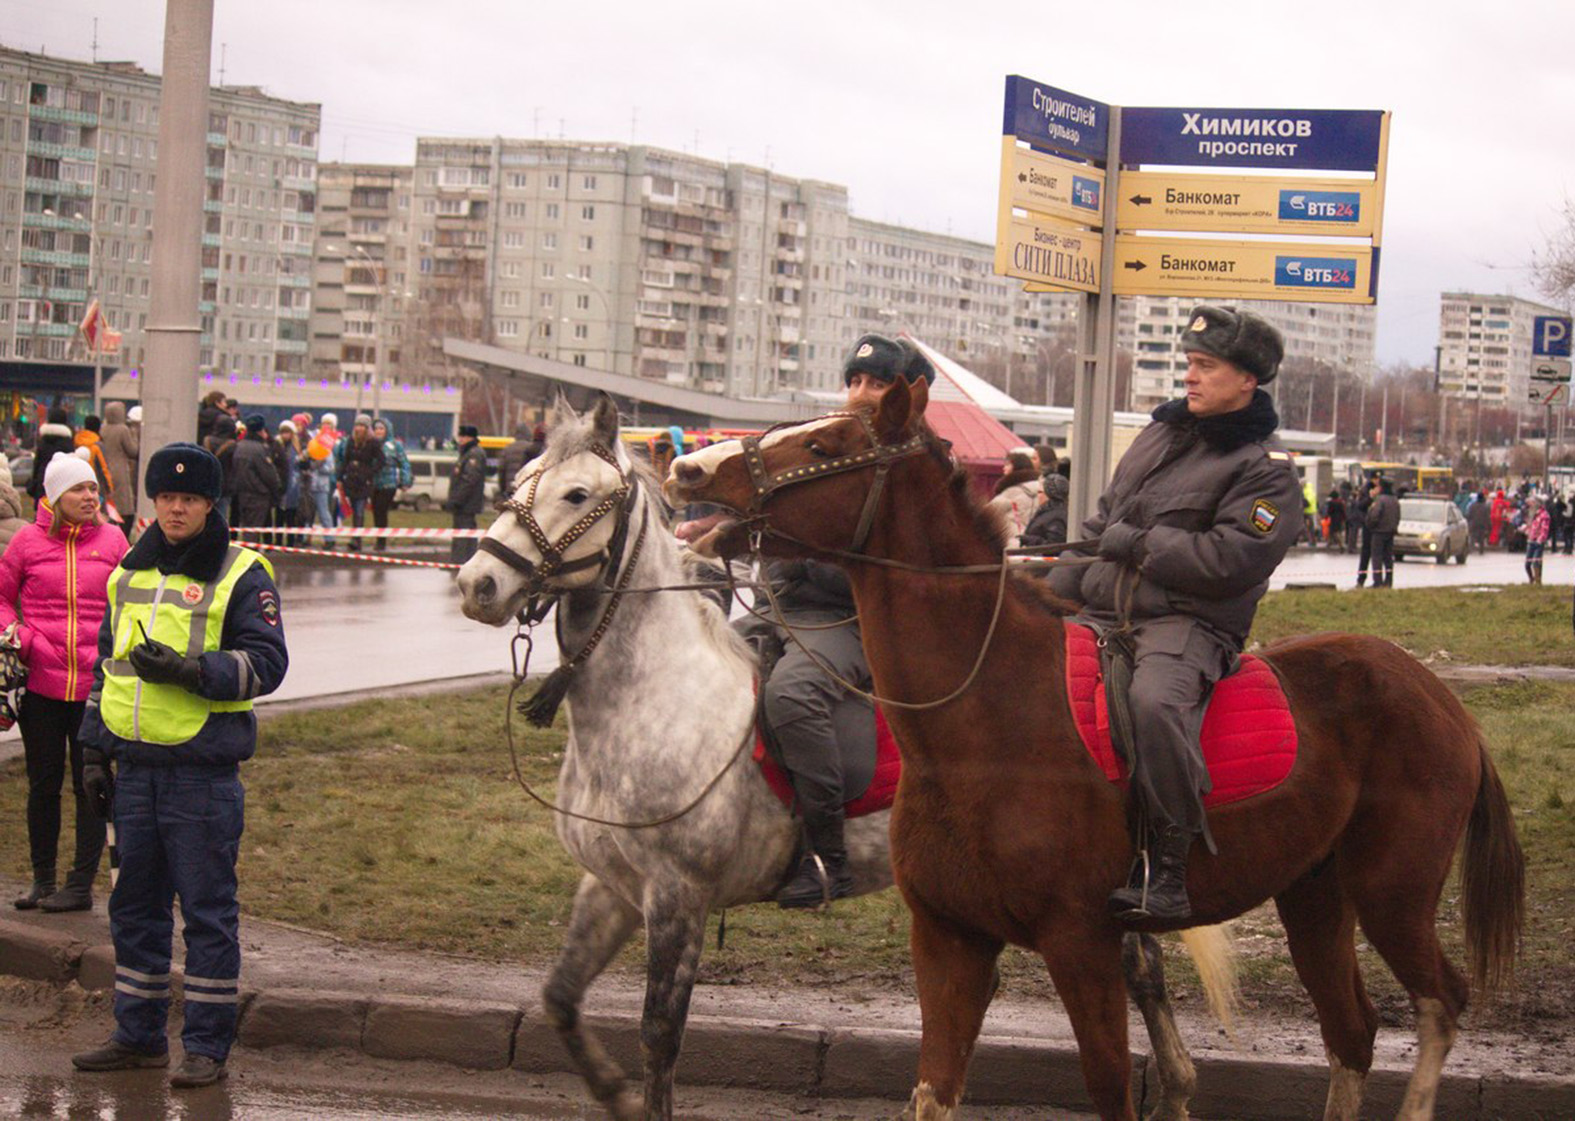 Из-за леса выезжает конная милиция